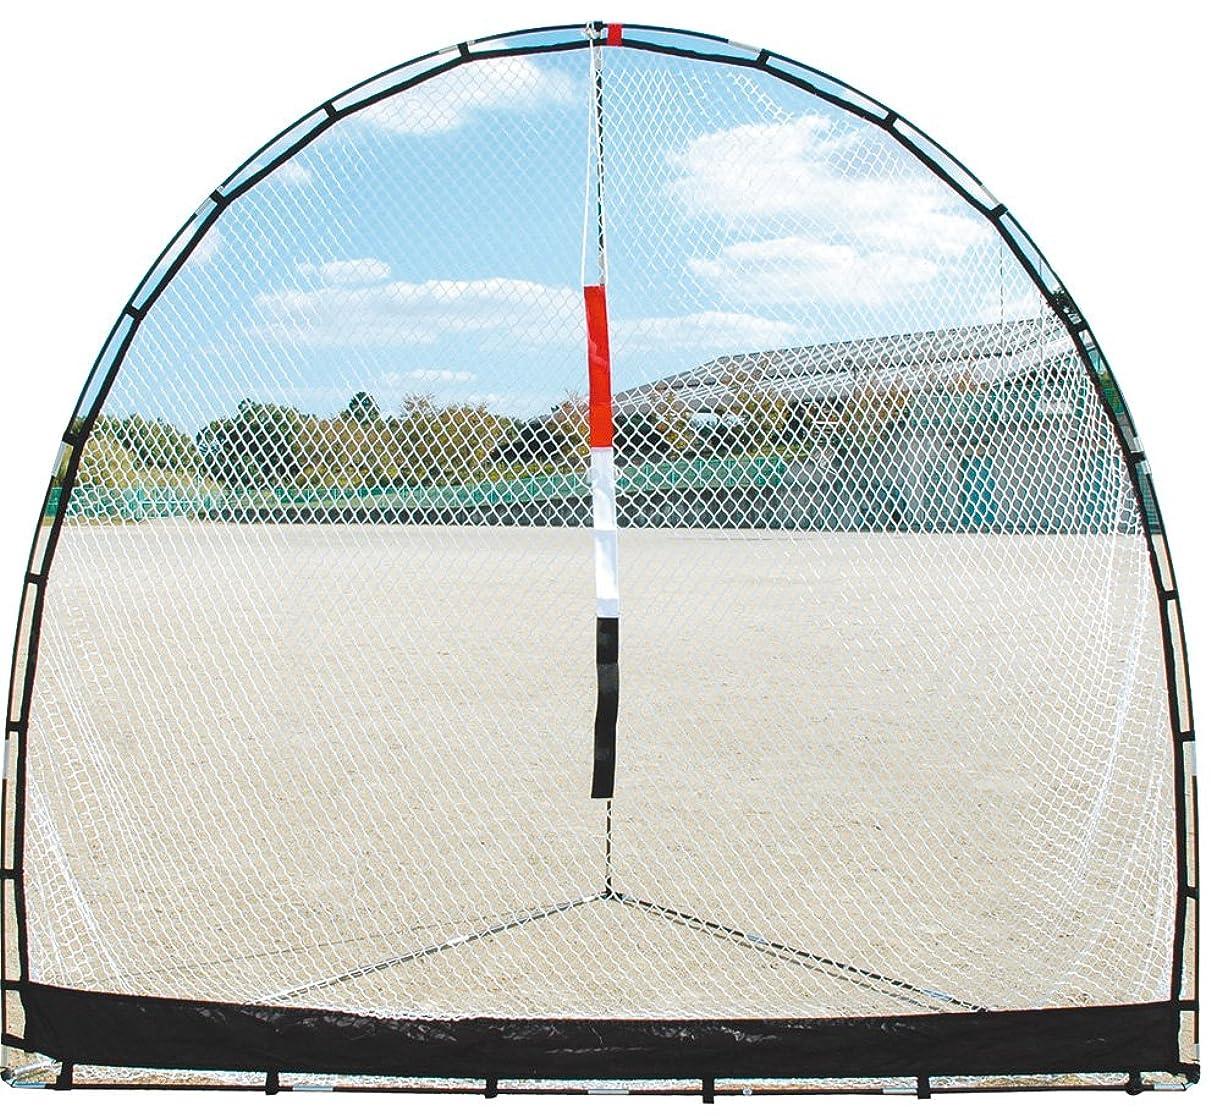 絞るひねくれた硬さUNIX(ユニックス) 野球 練習用品 練習用ネット フォーカスネット BX75-61